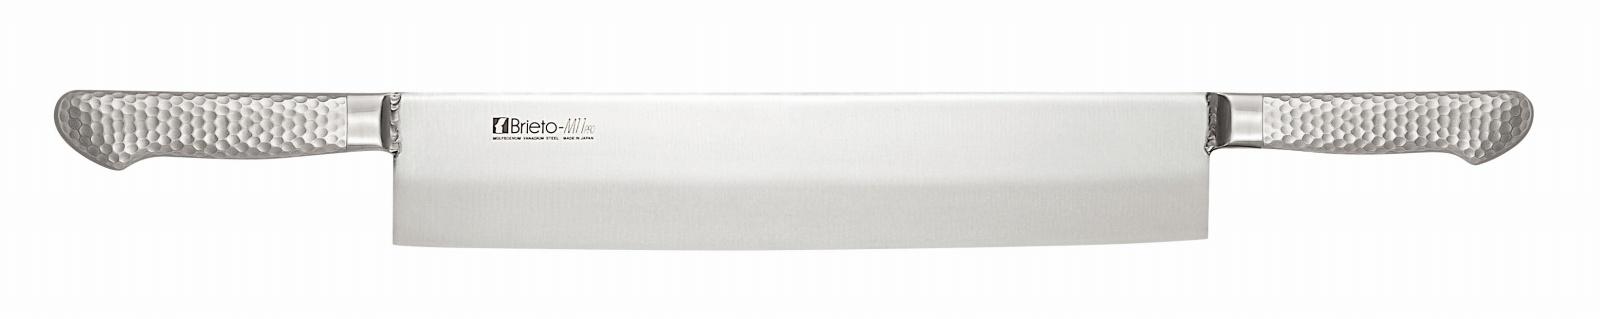 ブライト M11プロ 冷凍切(両手) 35cm 【冷凍切 冷凍切包丁 包丁 業務用 厨房用品 新品 販売 通販】 [7-0322-0601 6-0318-0601 ]